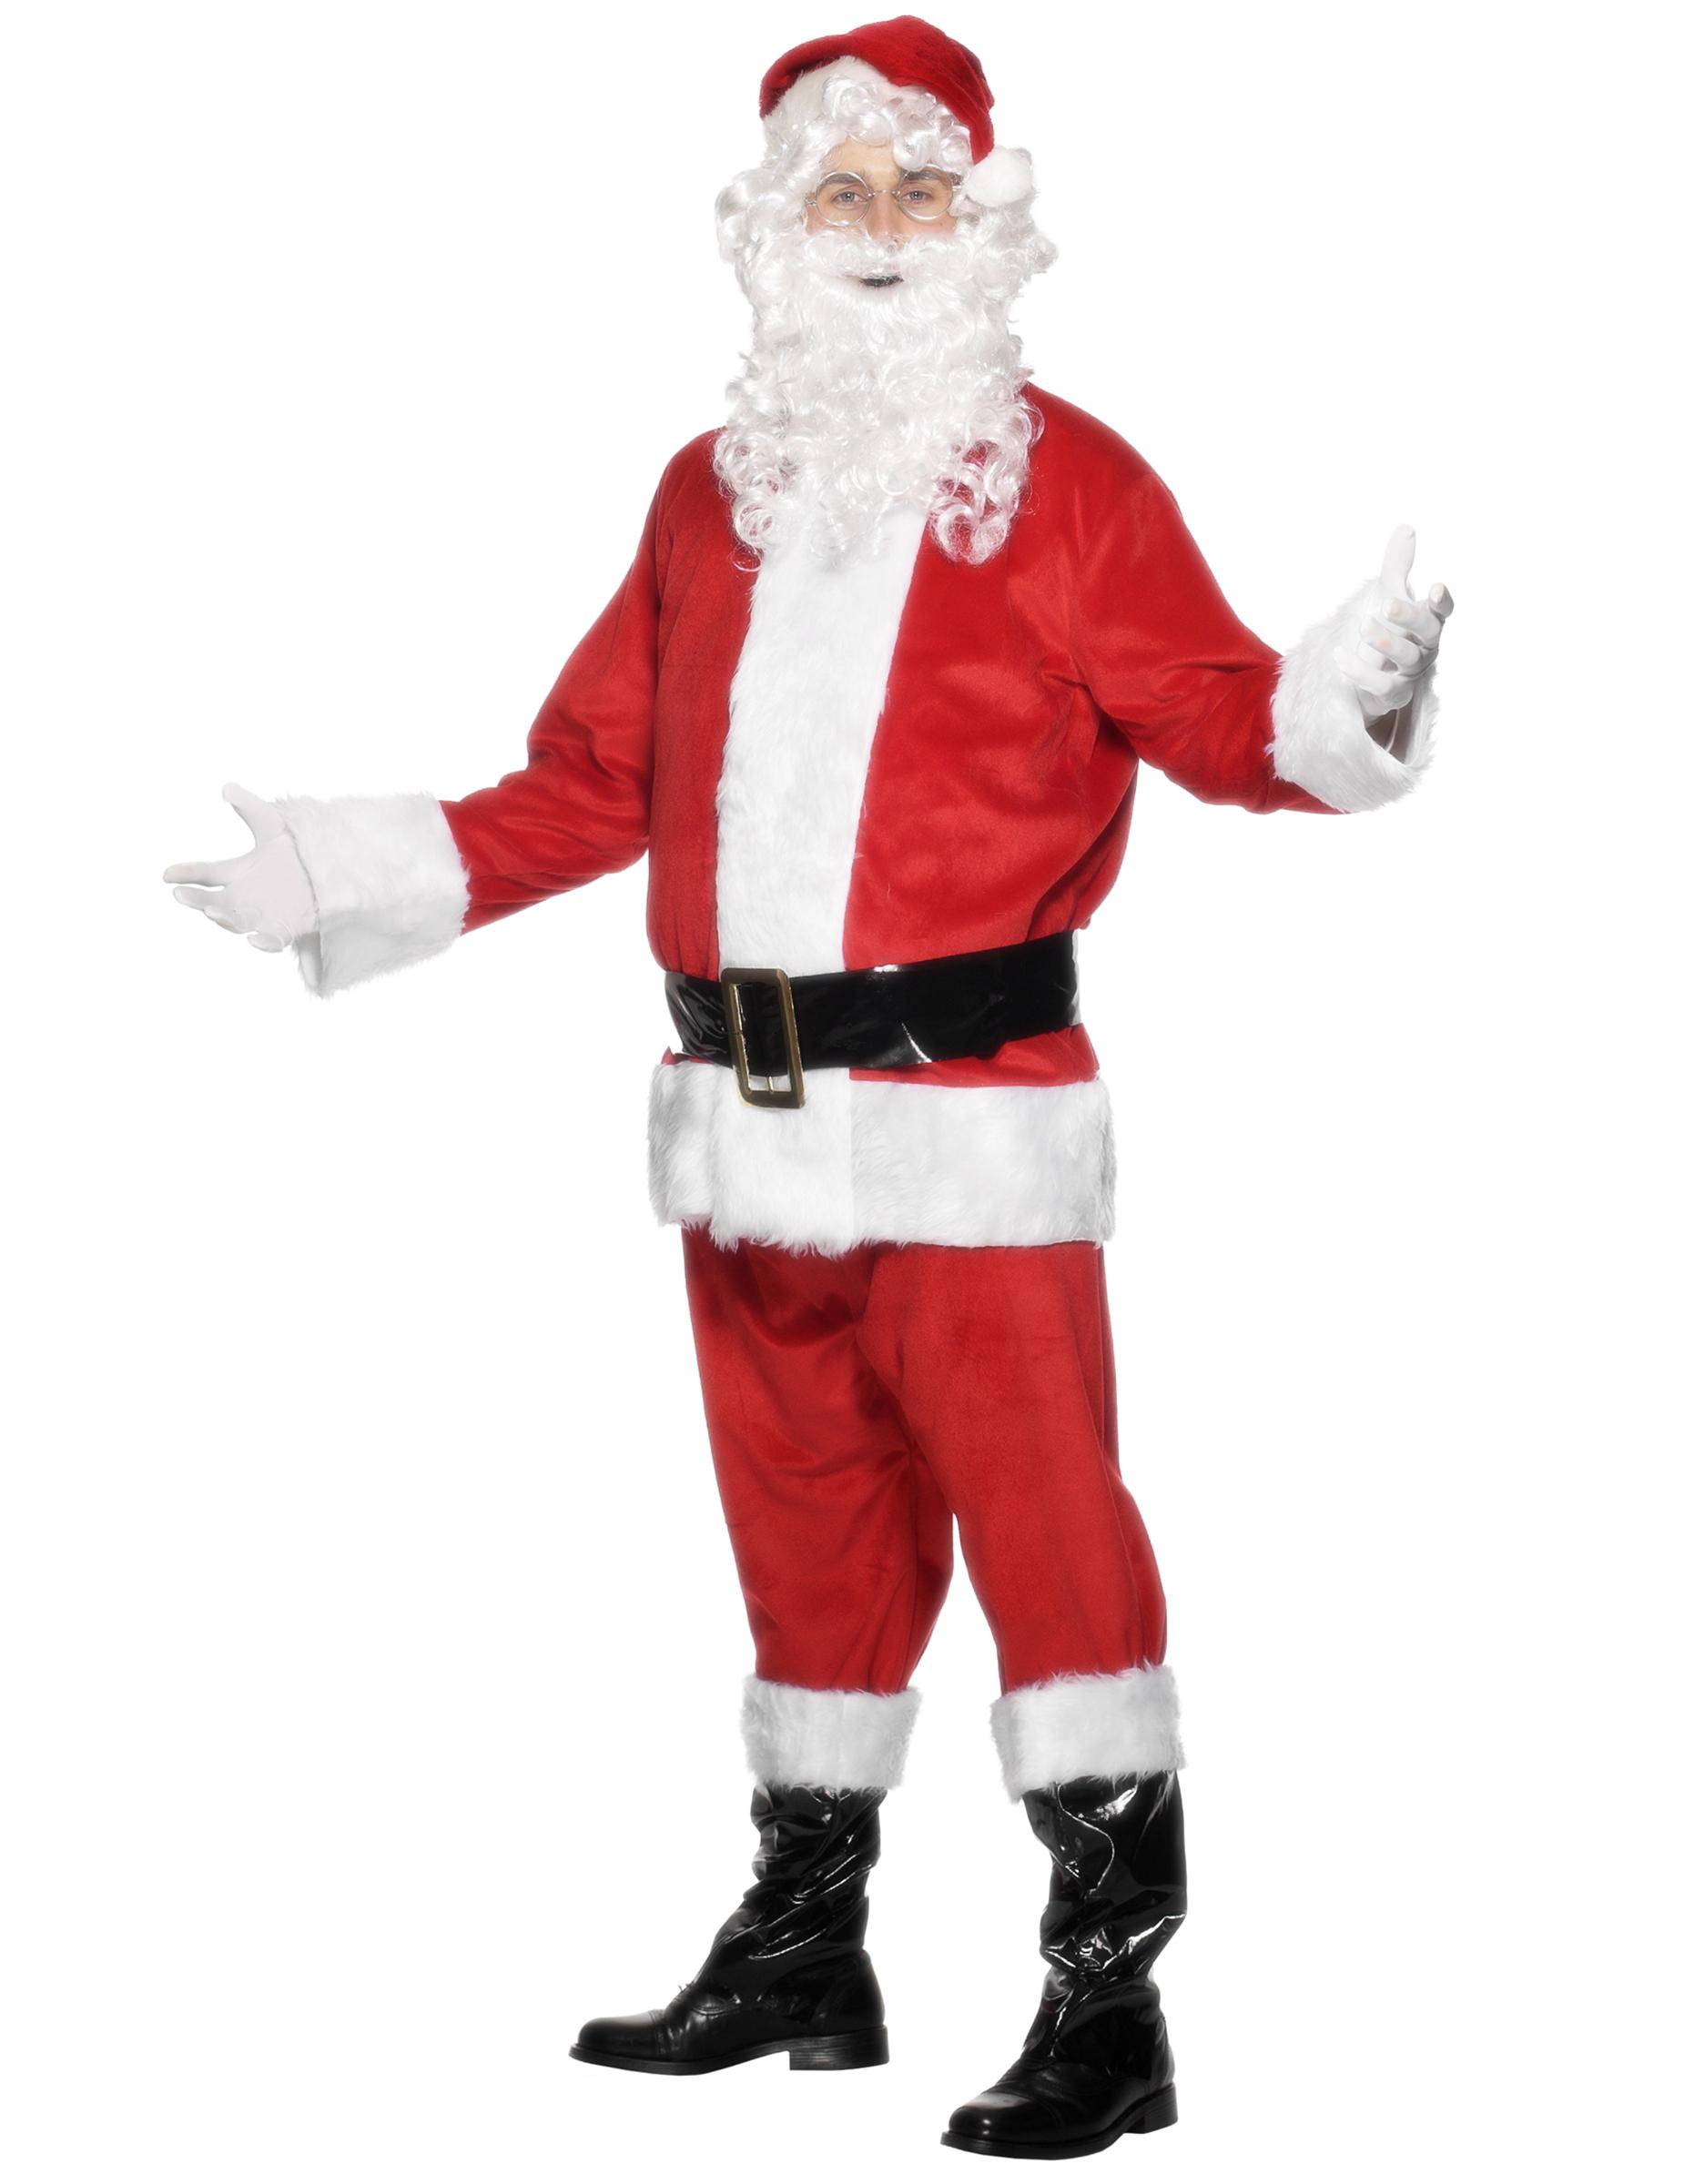 deguisement père noel Déguisement Père Noël homme, décoration anniversaire et fêtes à  deguisement père noel